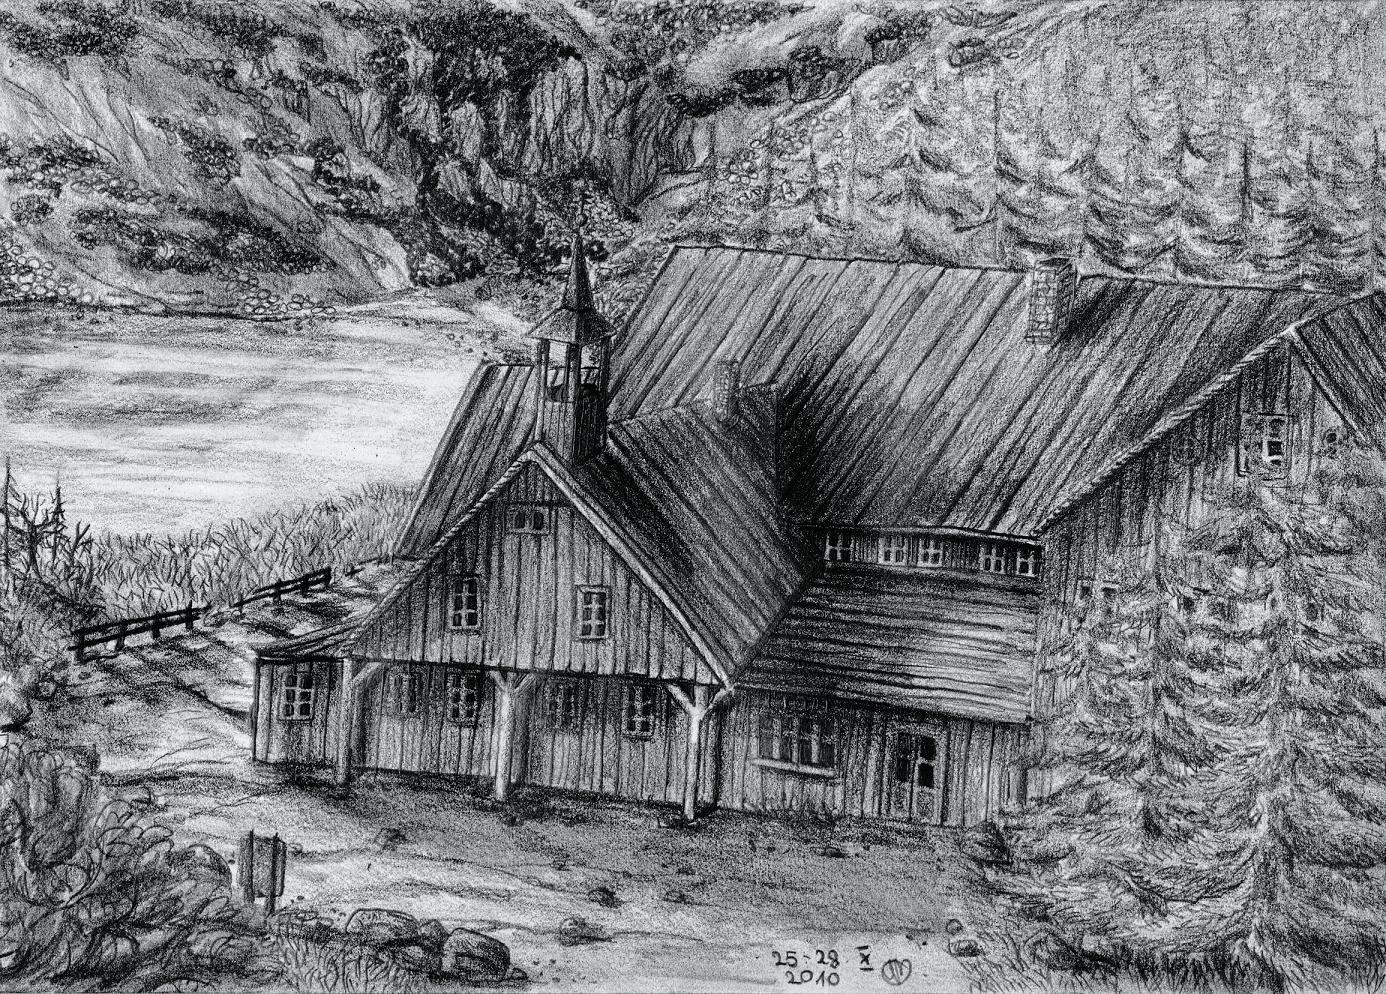 Mountain hut Samotnia by Ari-chaan on DeviantArt